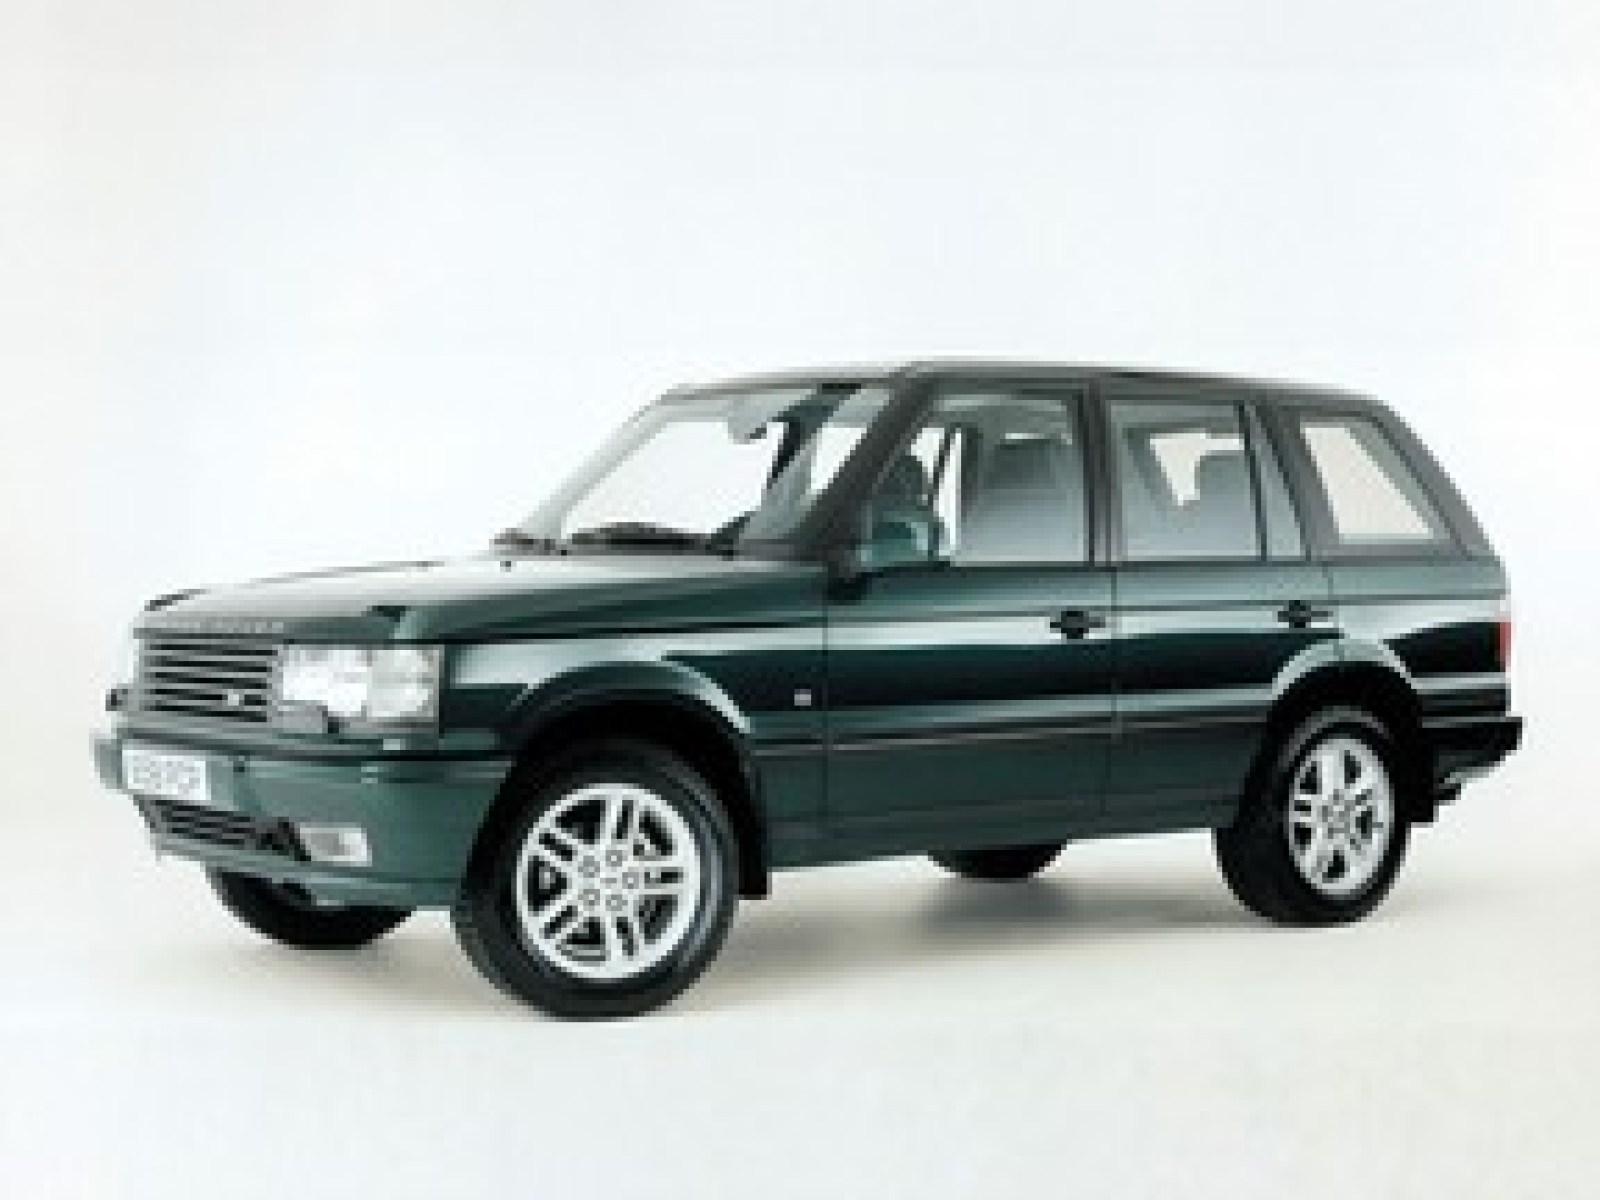 A 2000 Land Rover Range Rover